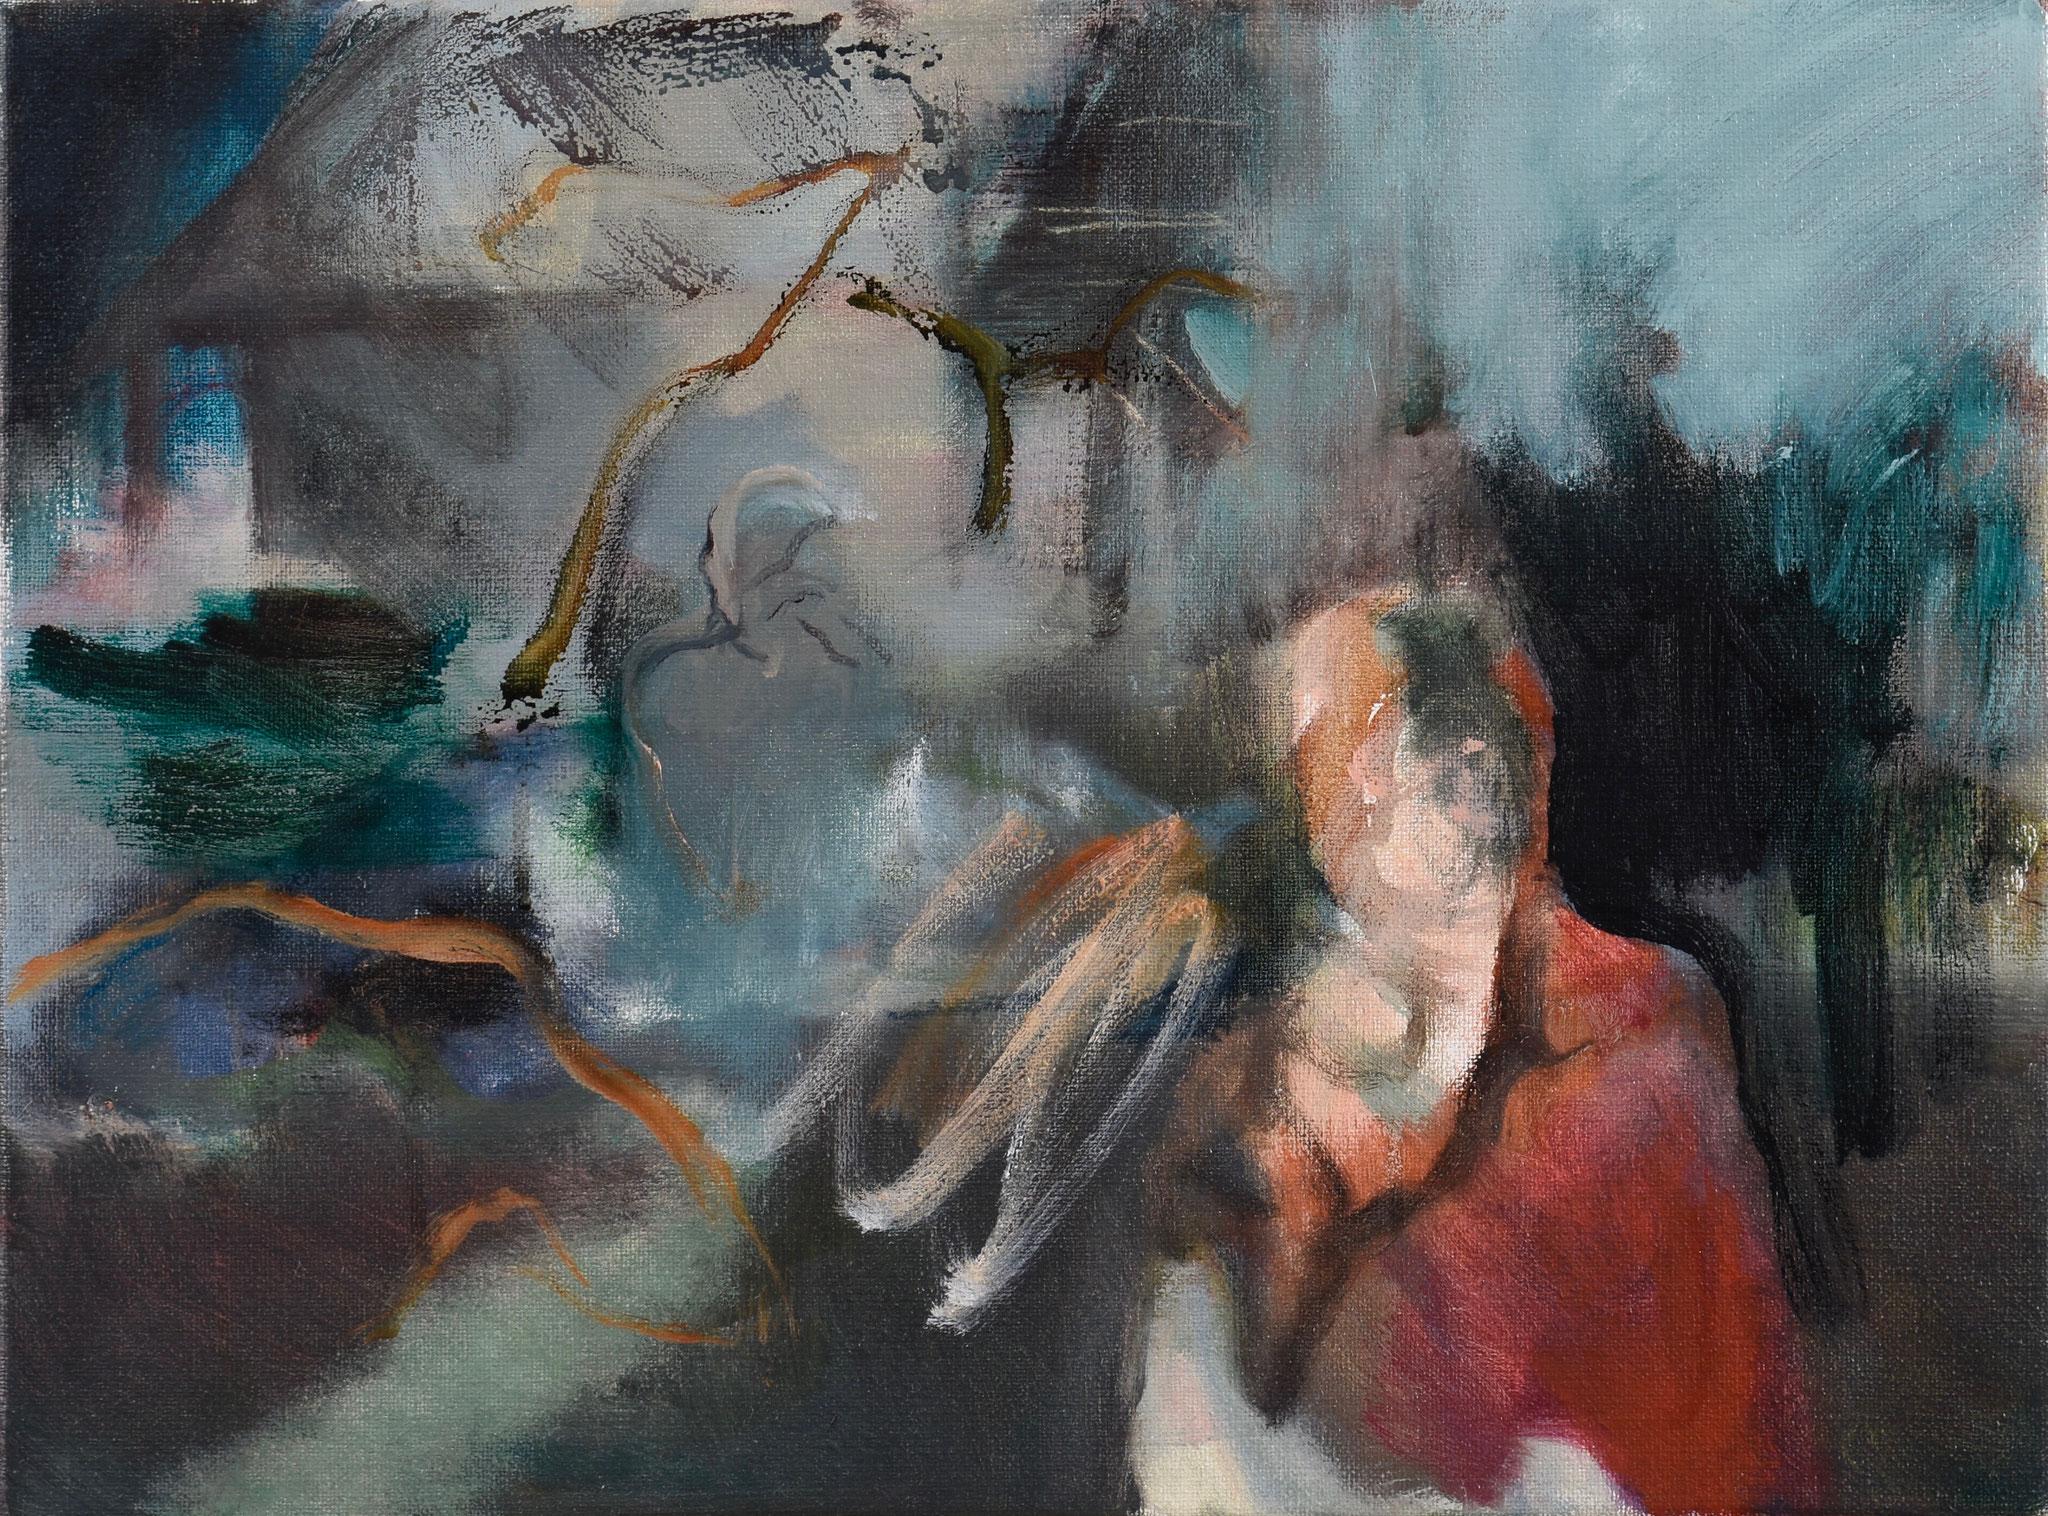 73  |  Ohne Titel  |  2020  |  Öl auf Leinwand  |  25 x30 cm